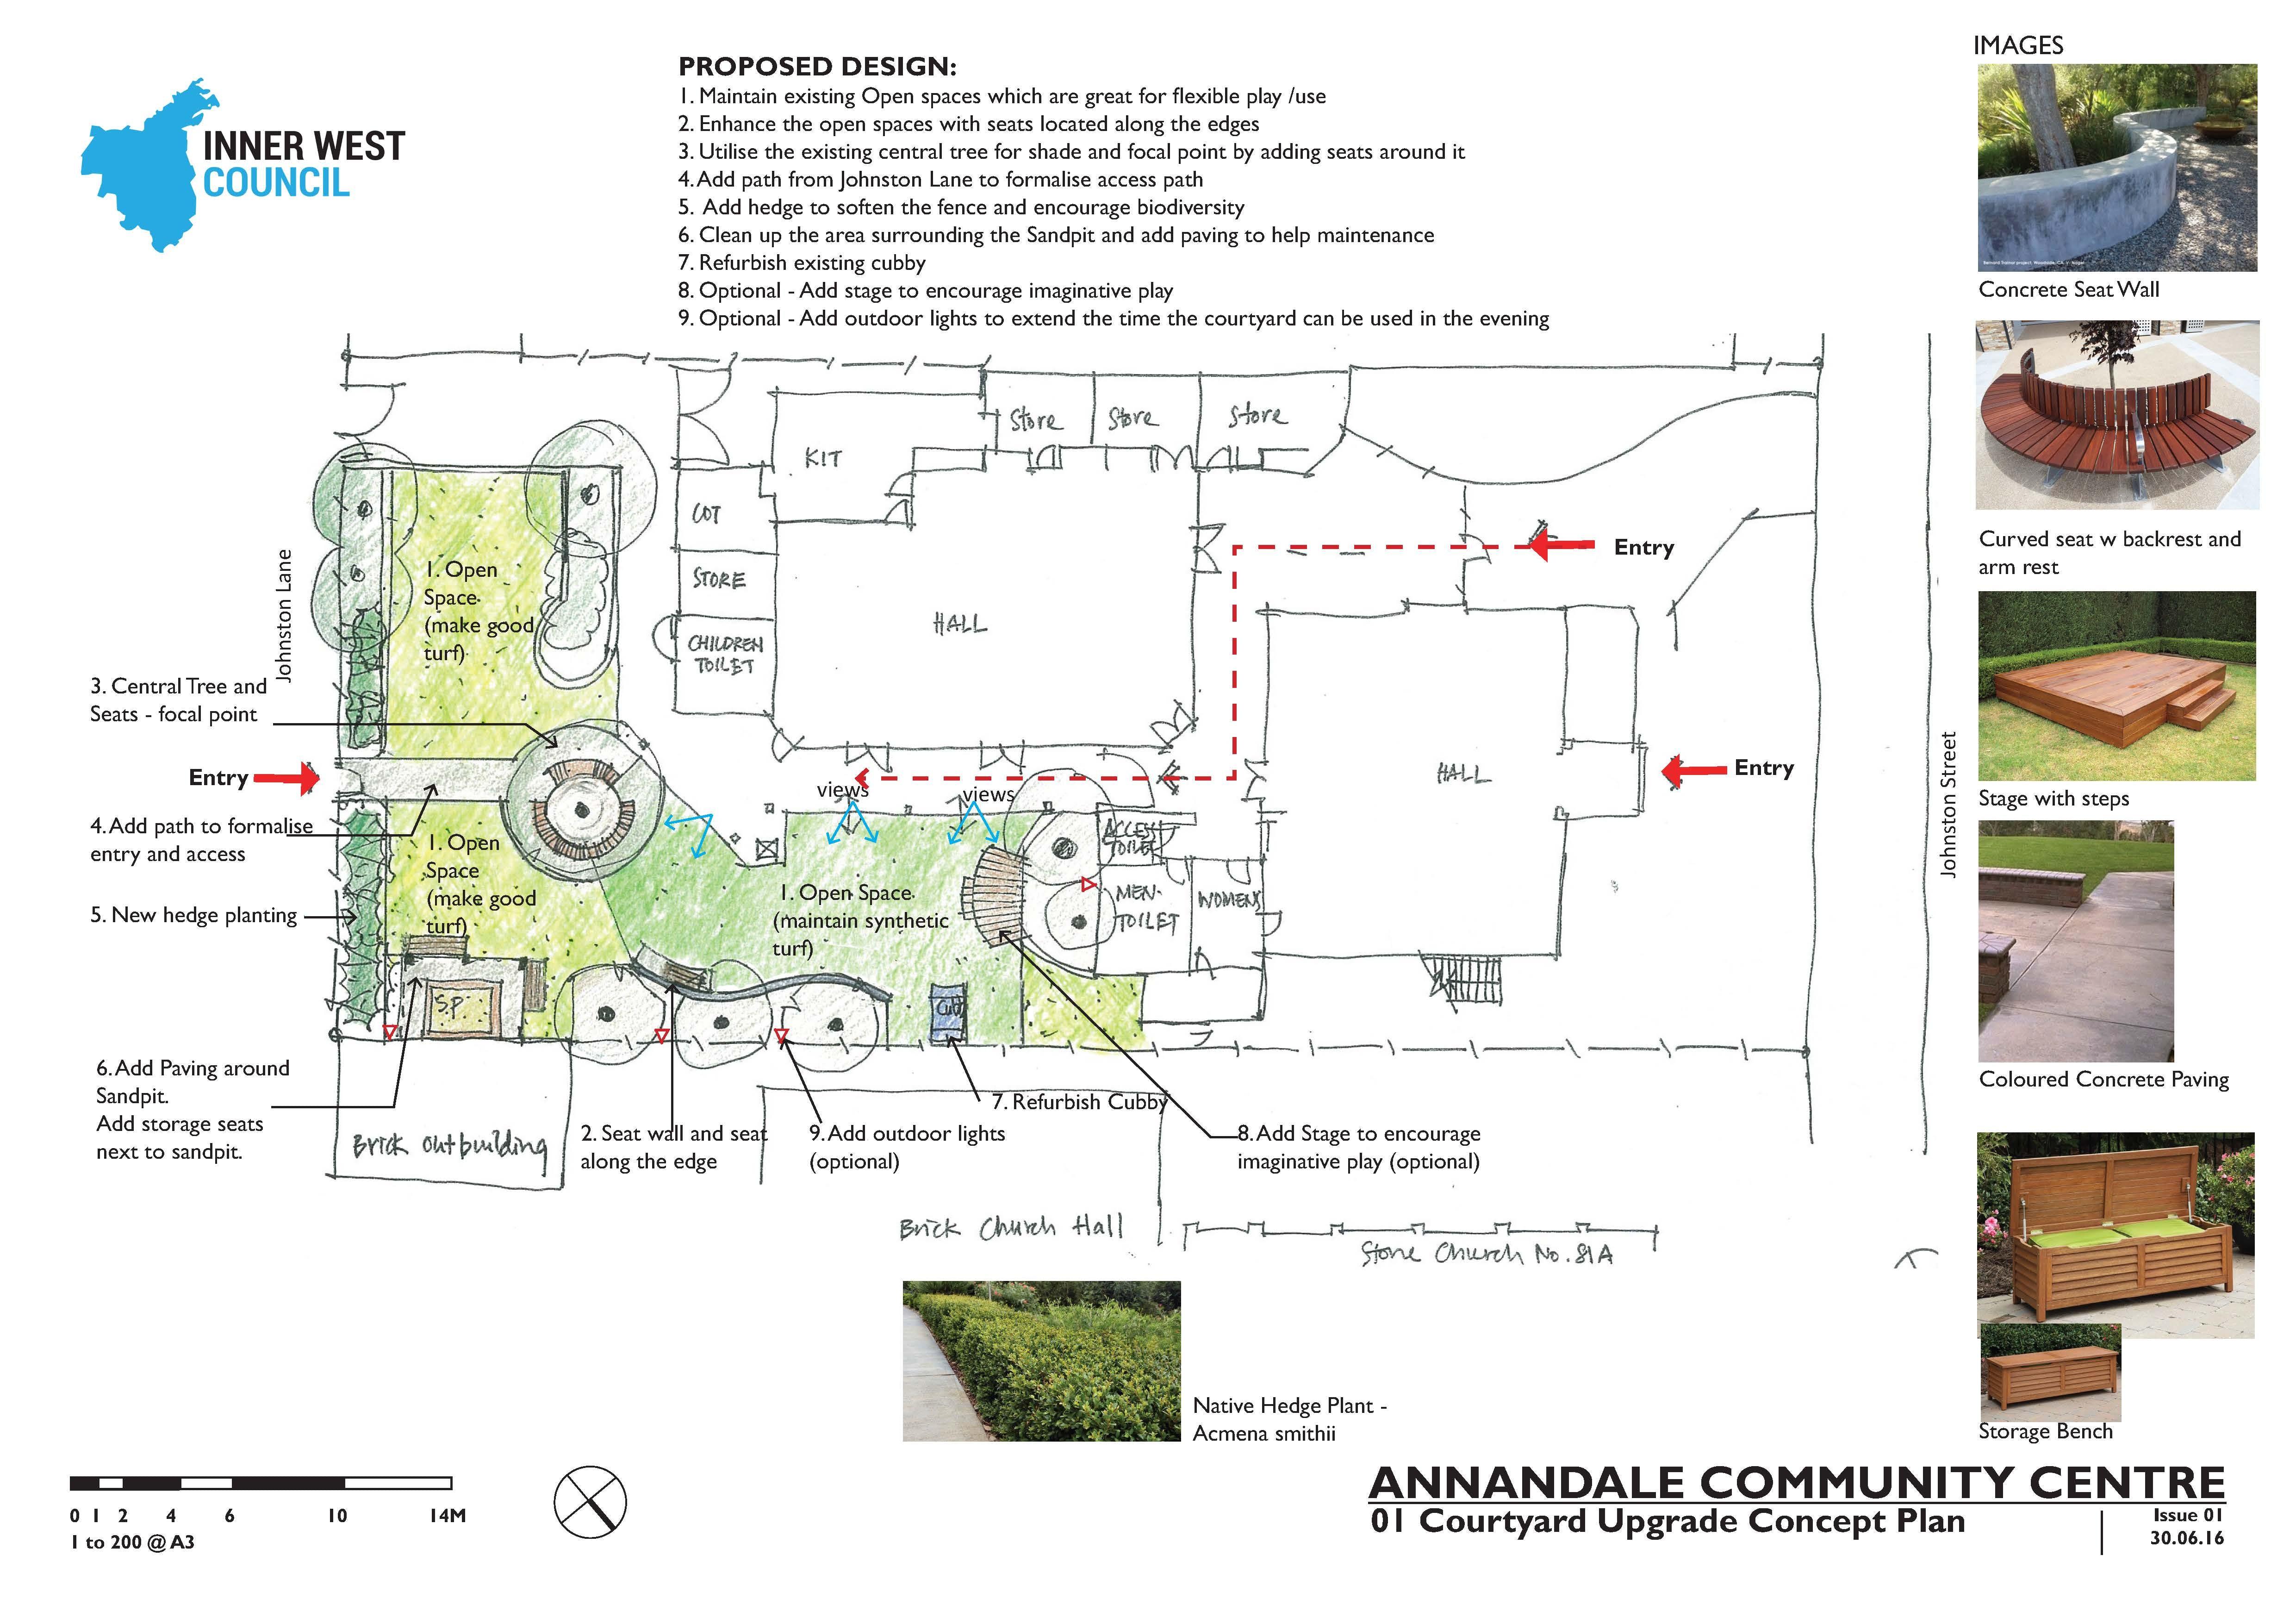 Annandale Community Centre Open Space Concept Plan